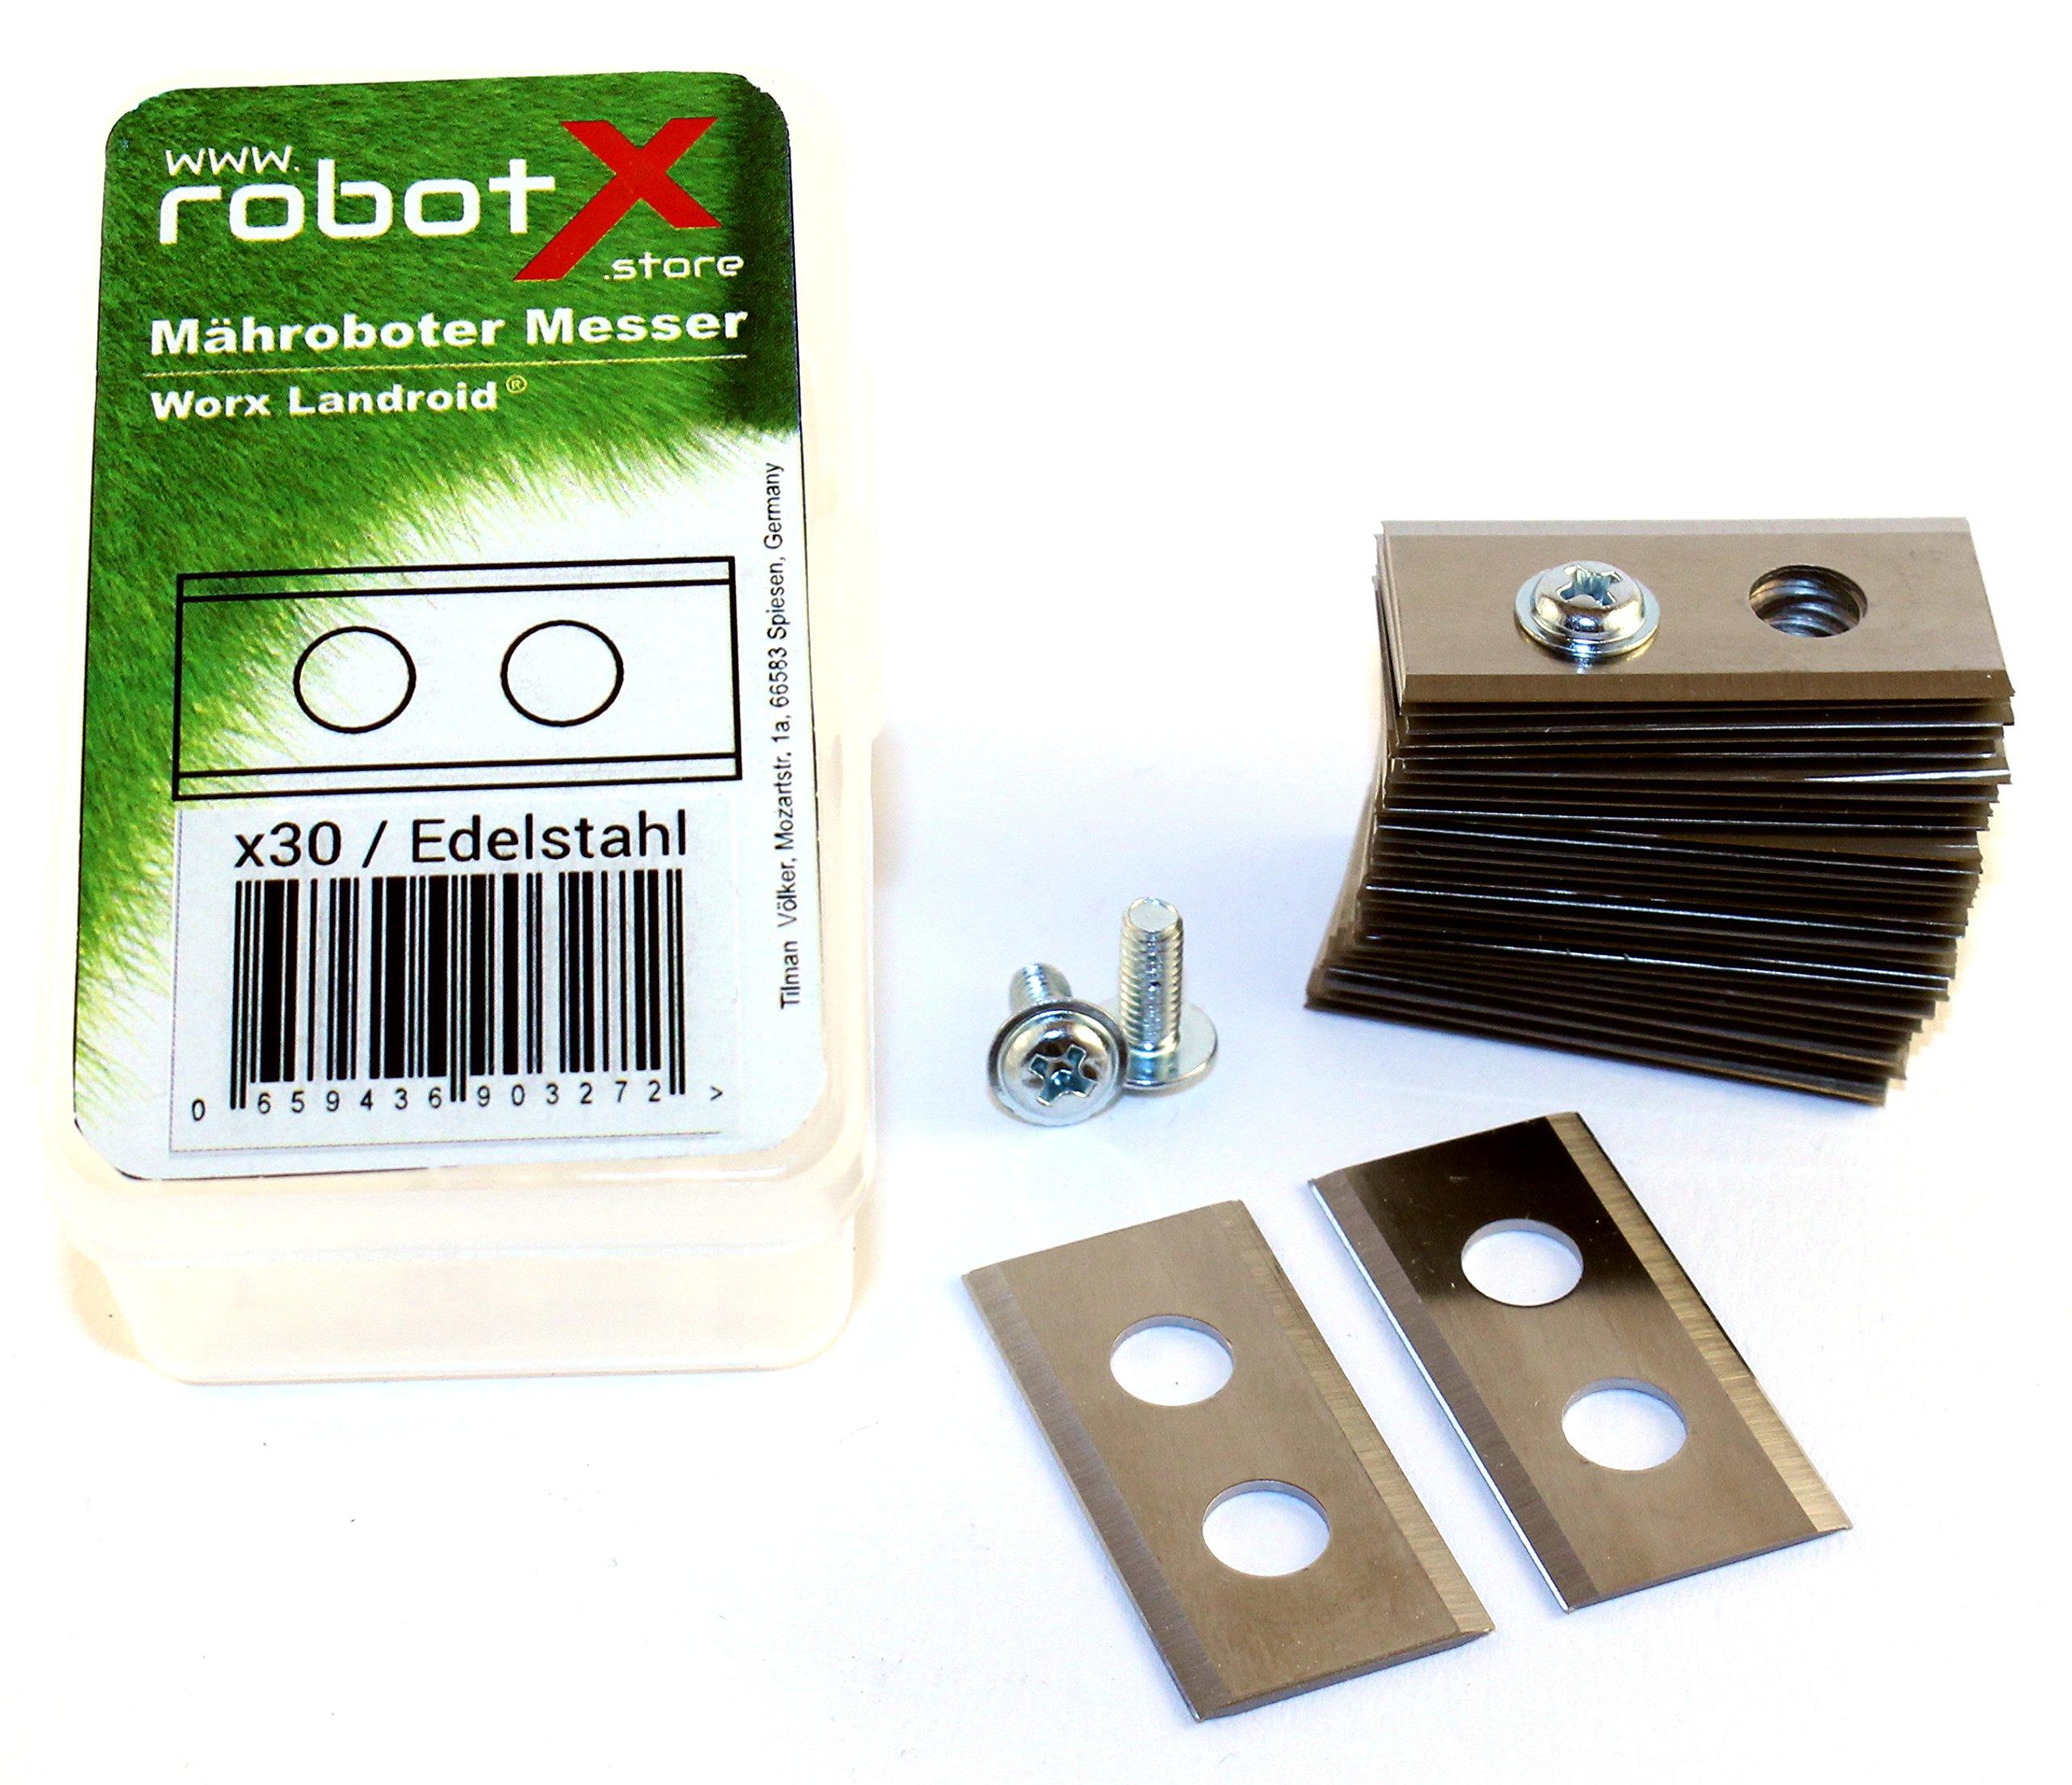 30-Mhroboter-Messer-fr-Worx-Landroid-Edelstahl-in-sehr-guter-Qualitt-30-Stck-WORX-Landroid-Gnstige-Ersatzmesser-und-schrauben-der-Marke-robotX